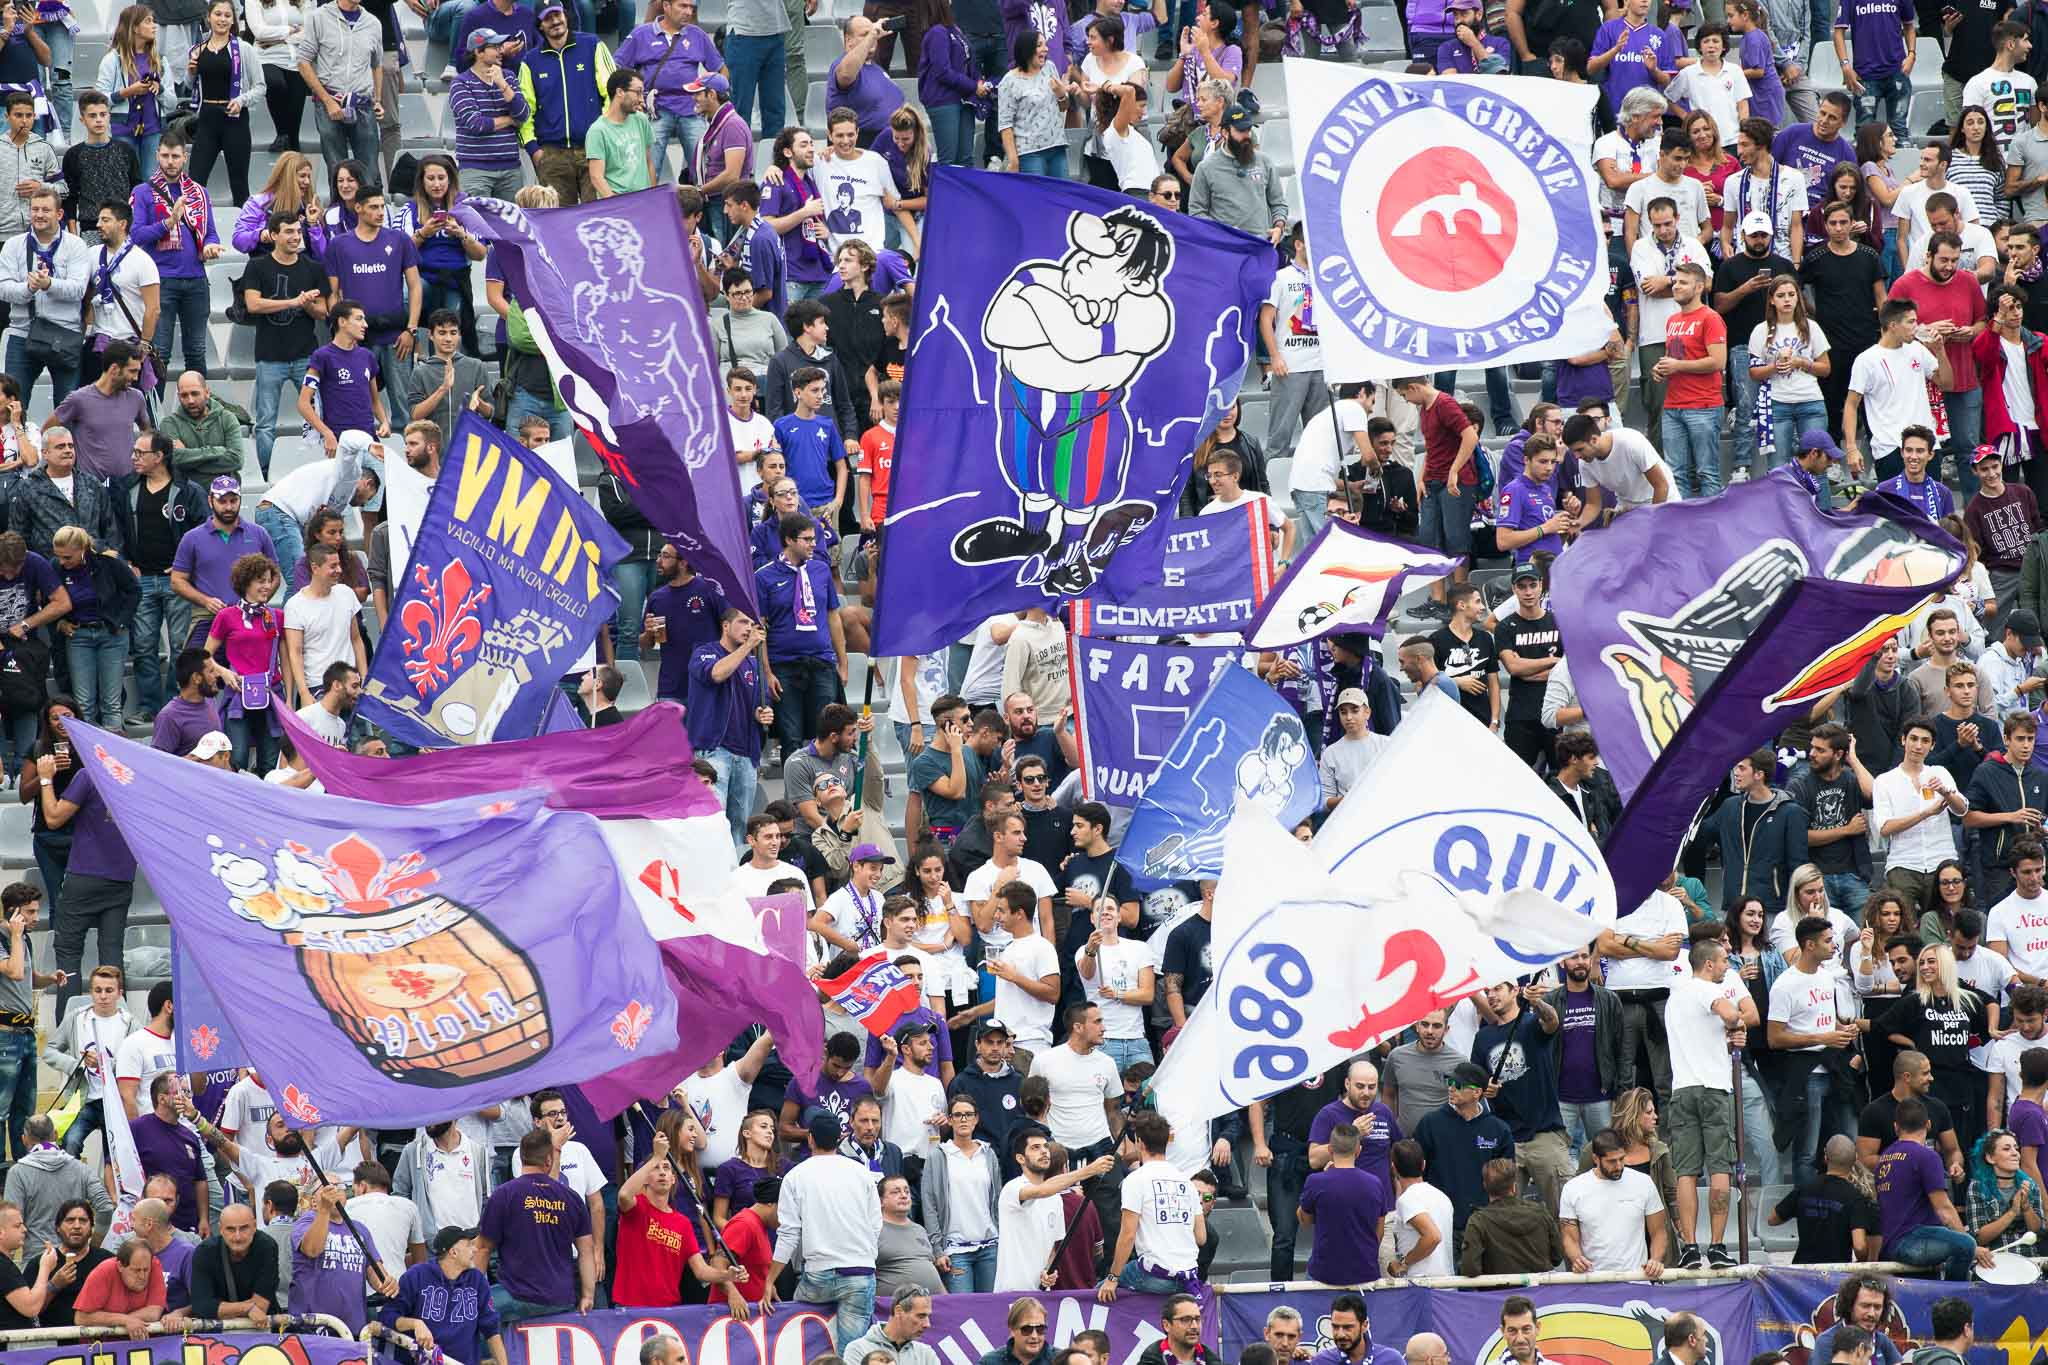 Un maxi biglietto per tornare a riempire il Franchi: così la Fiorentina tende la mano ai tifosi